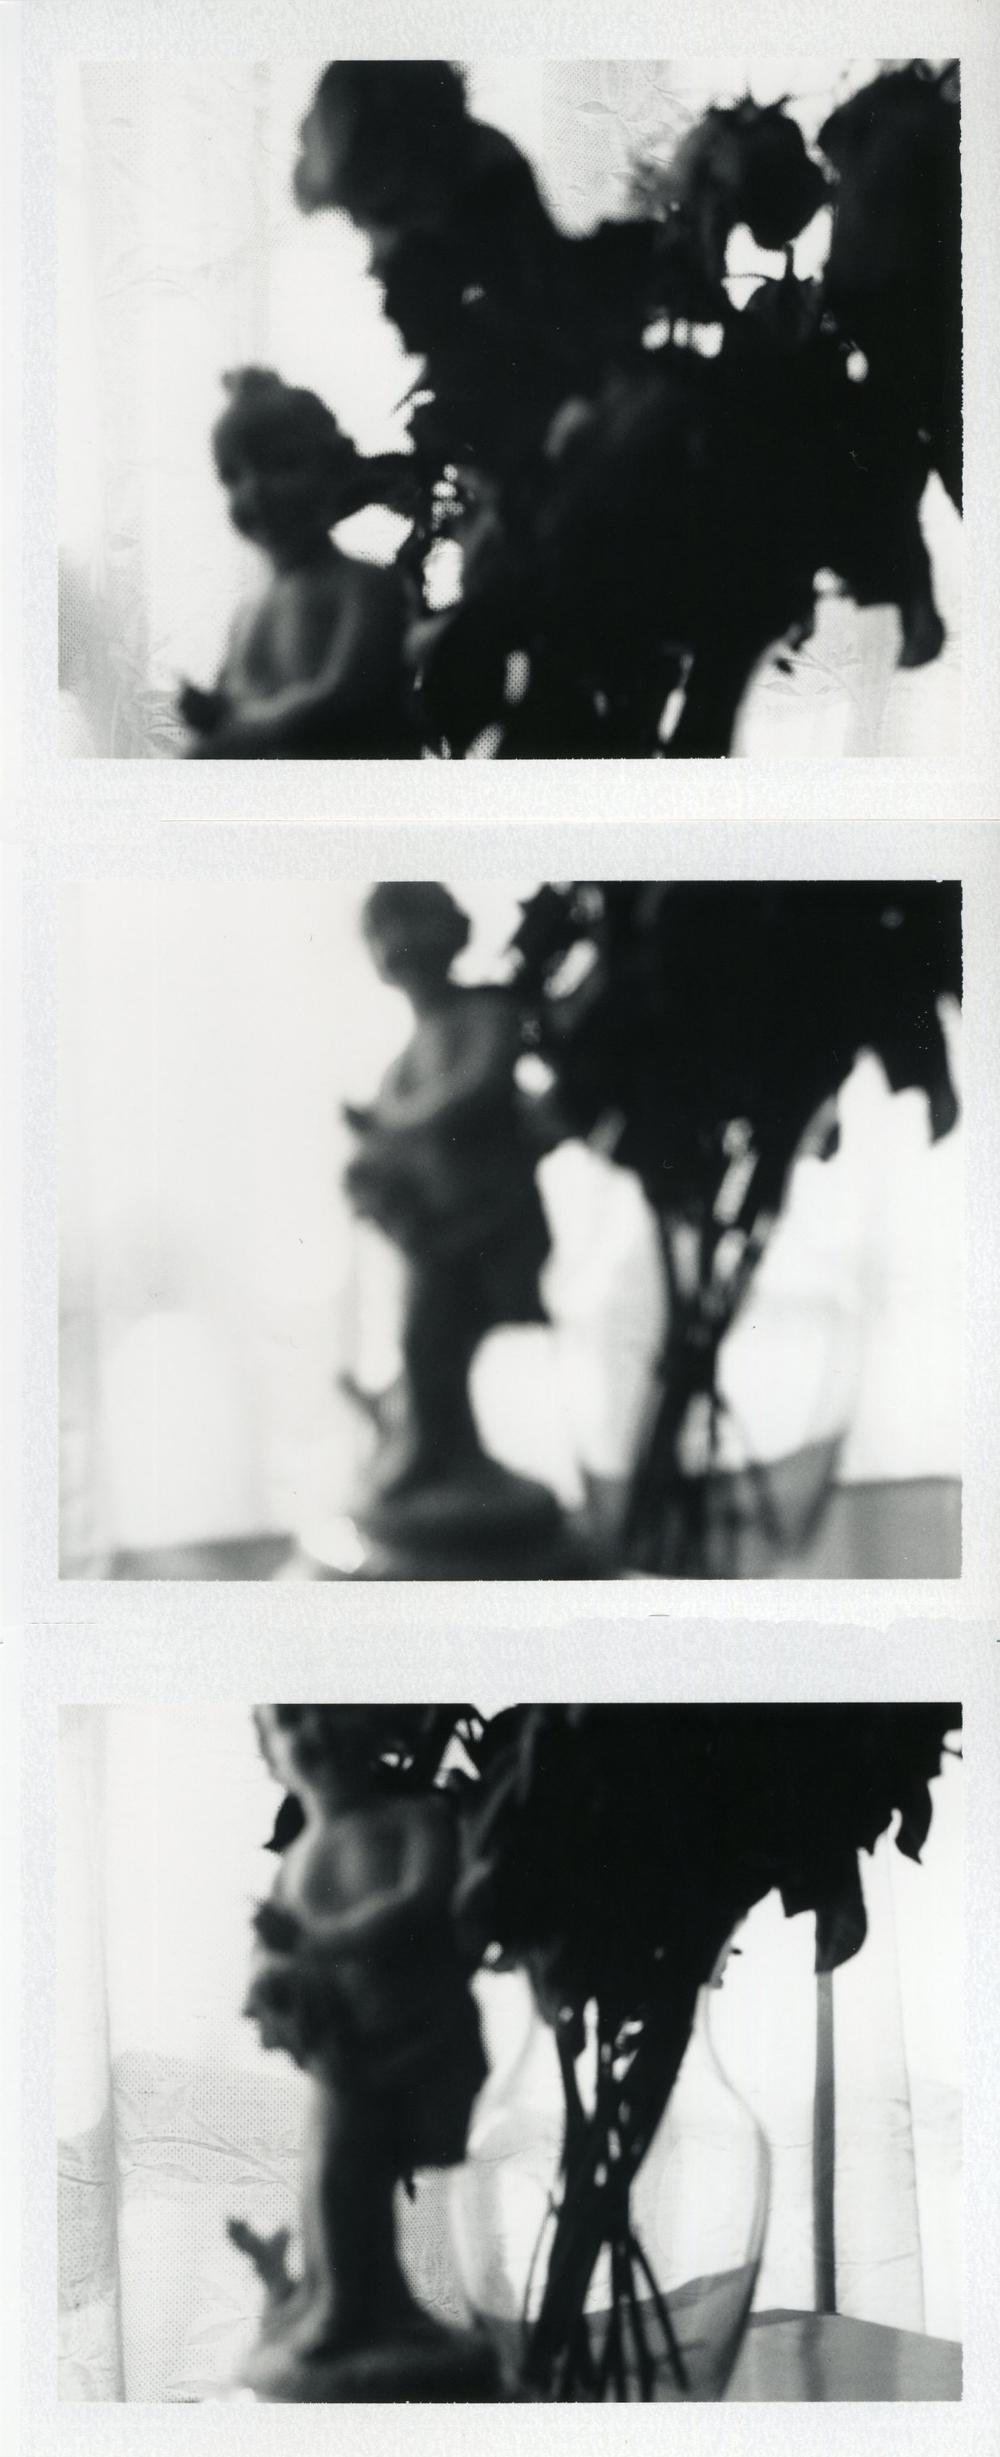 Cupids & Roses, 2009 (3 Polaroids)